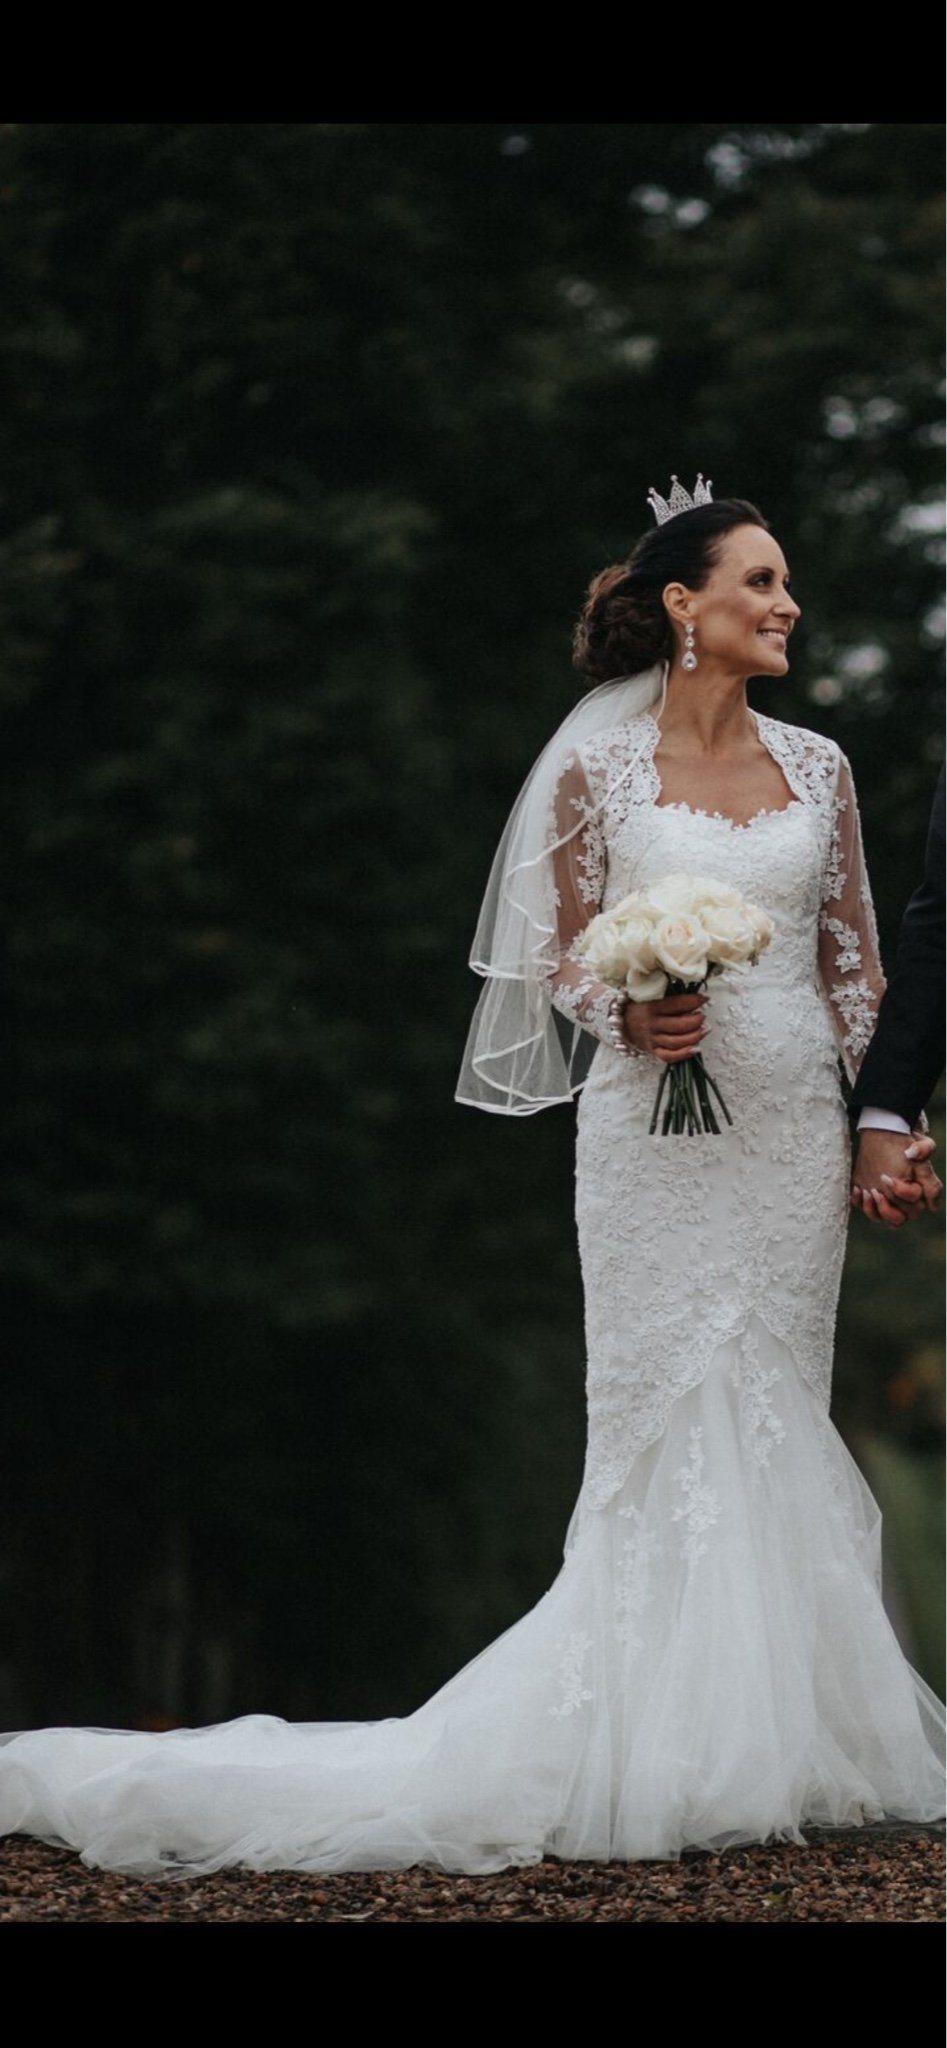 06206b0d4b43 PRONOVIAS brudklänning stl 36 (344911483) ᐈ Köp på Tradera